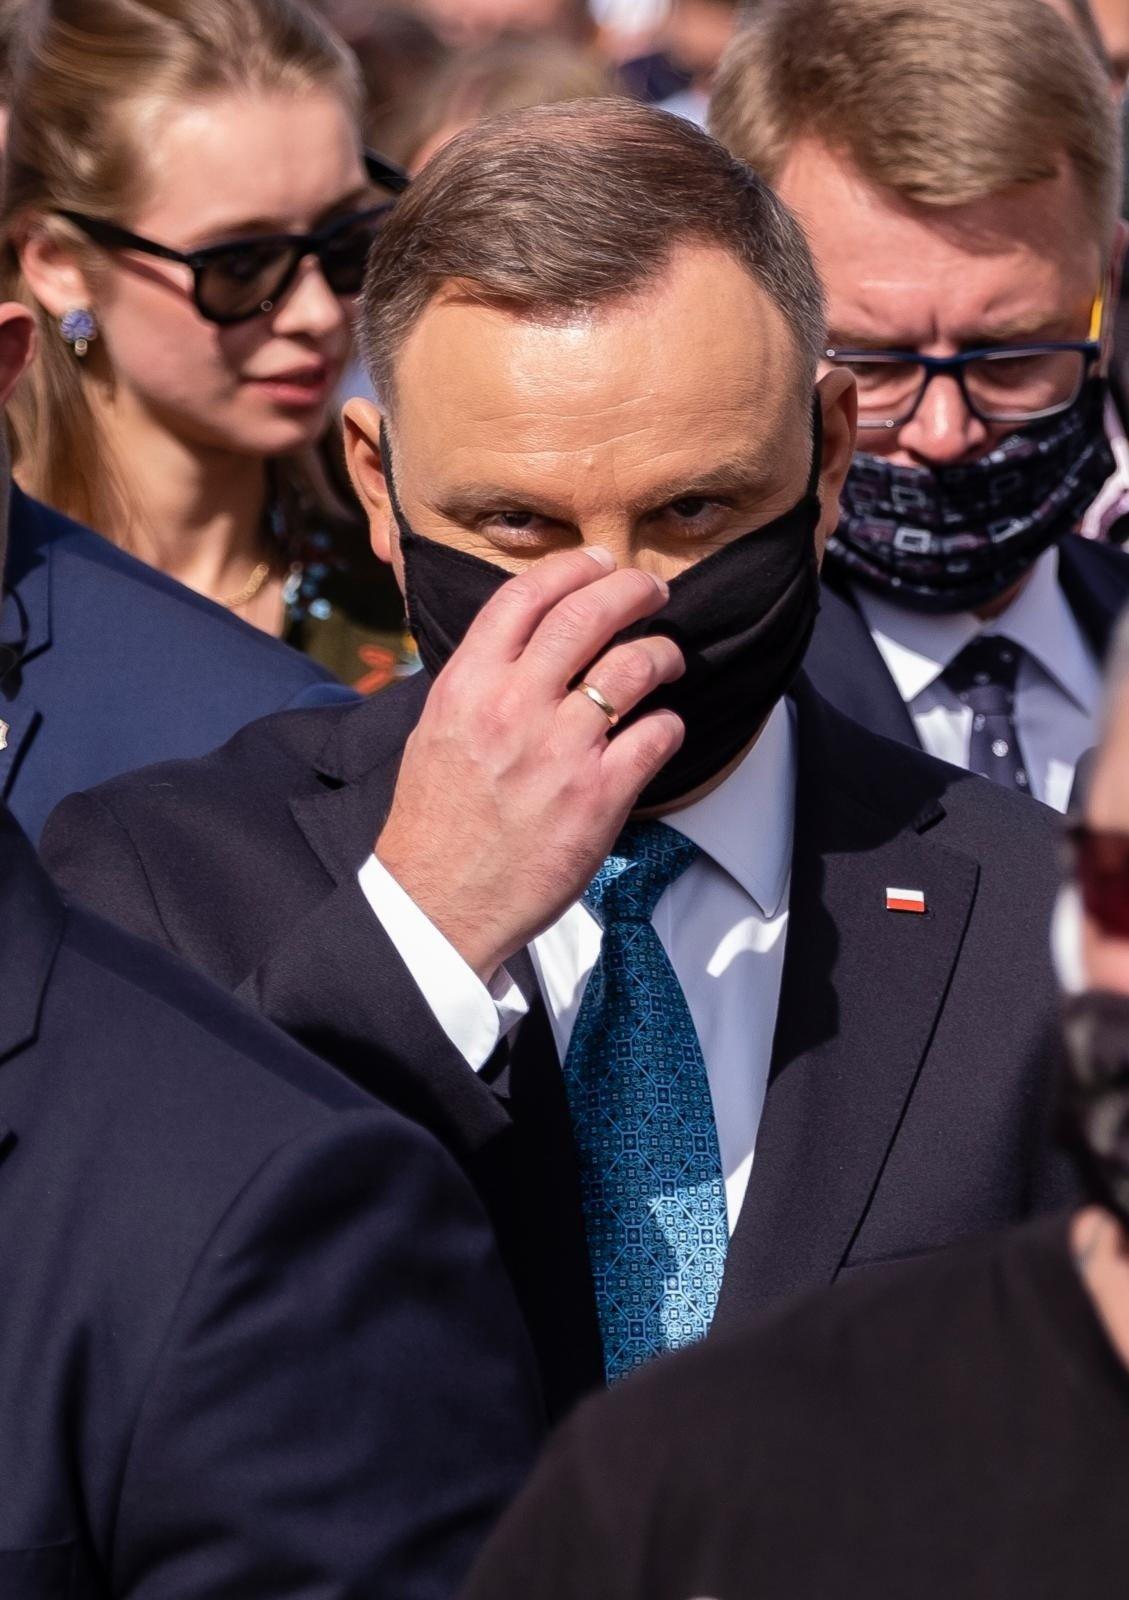 Andrzej Duda wdał się w wymianę zdań w związku z pandemią ...